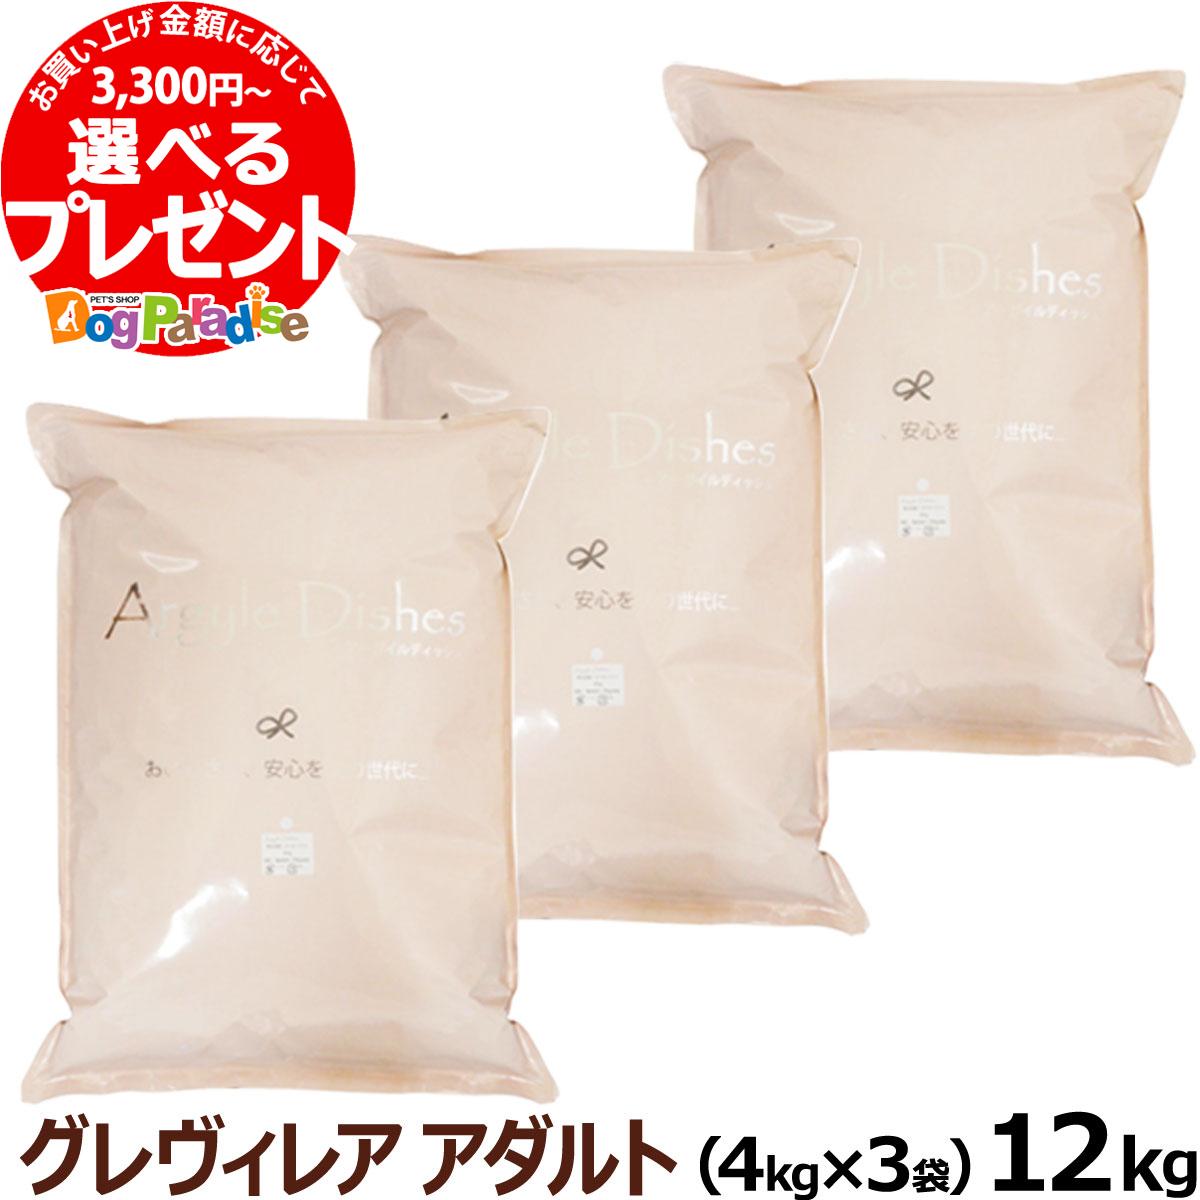 アーガイルディッシュ ドッグフード グレヴィレアアダルト 12kg(4kg×3)【賞味期限2020年9月30日以降】